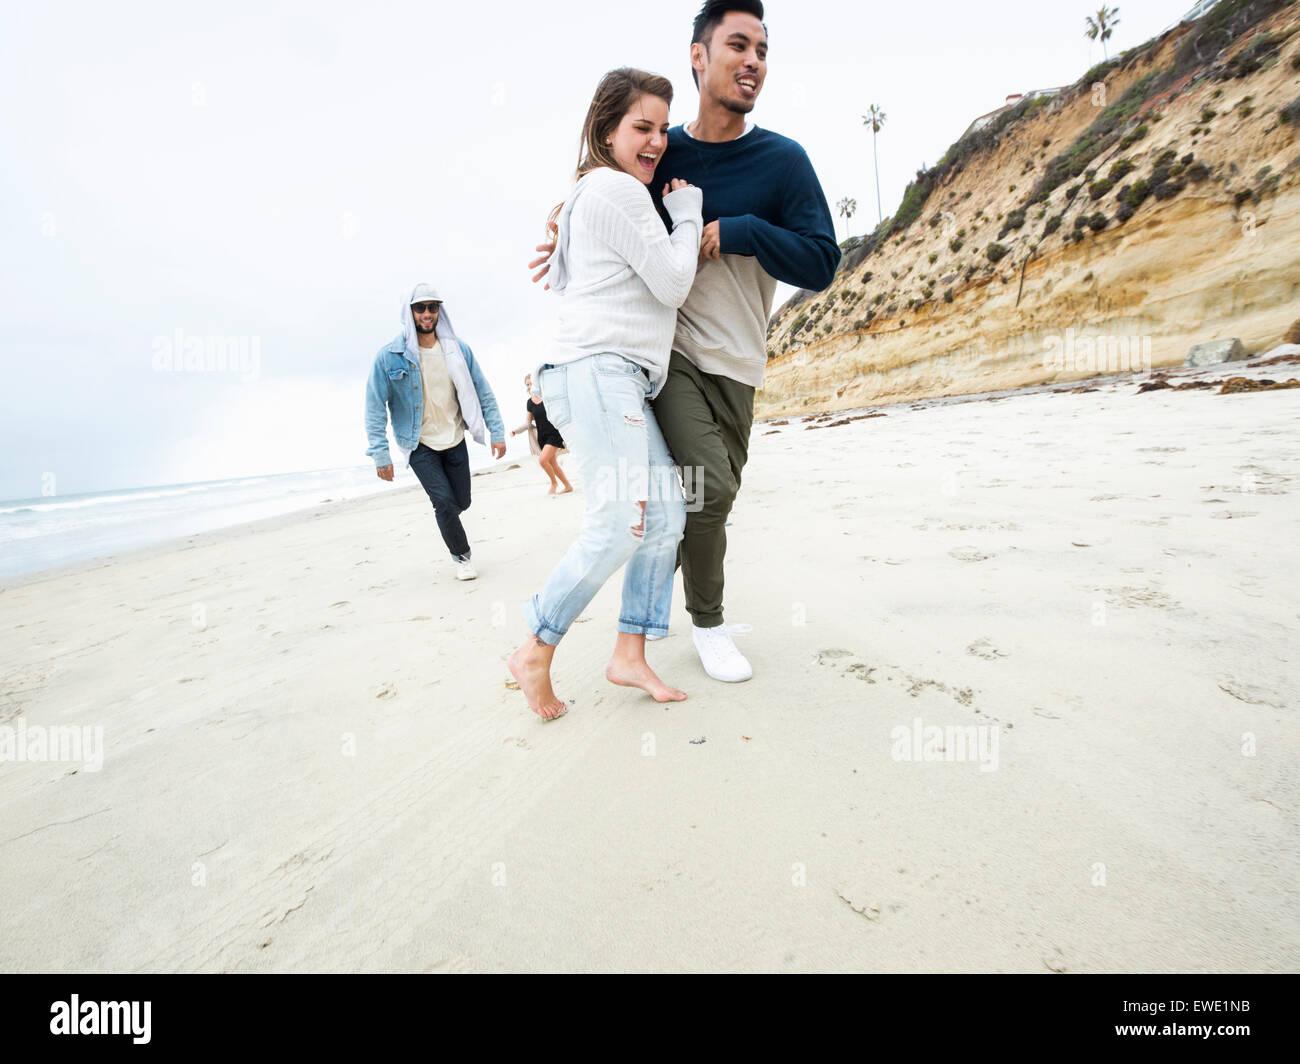 Eine Gruppe junger Männer und Frauen laufen am Strand, Spaß Stockbild